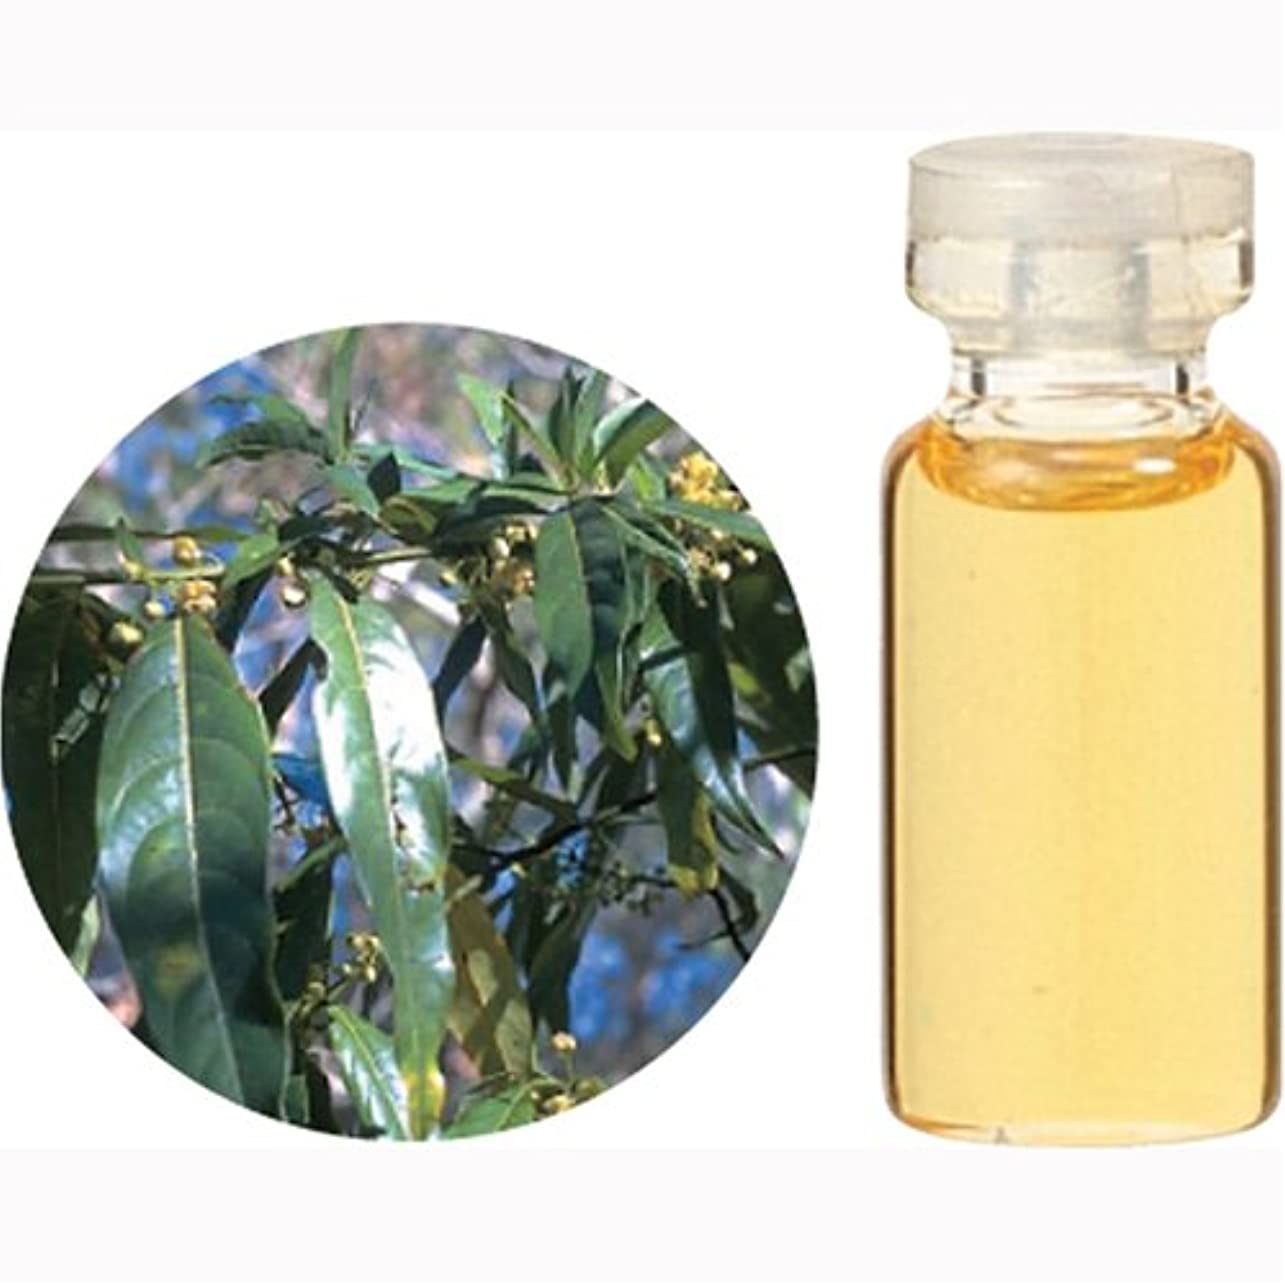 忌避剤変な枯れる生活の木 Cリツエアクベバ エッセンシャルオイル 10ml